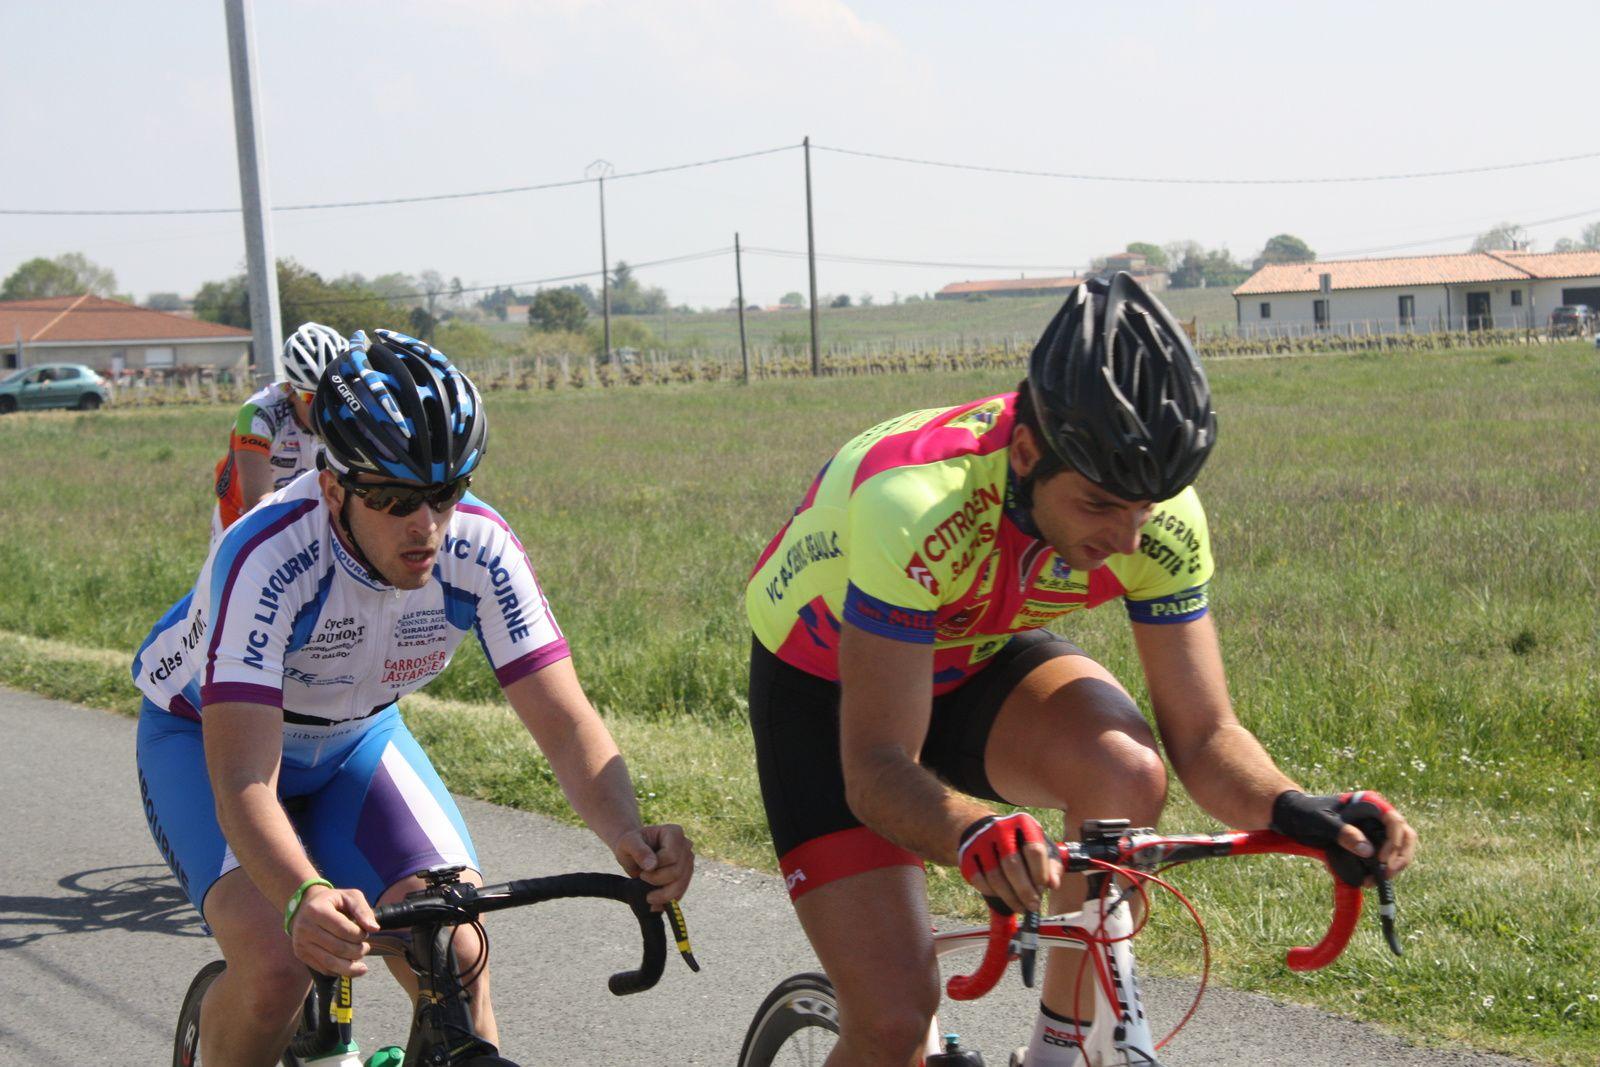 3e  tour. Sandra  DOS SANTOS(VCCO) tente  de  trouver  le  rytme, elle  sera  la  semaine  prochaine  avec  la  DN17  Poitou-Charentes  à  la  2e  manche  de  la  coupe  de  france